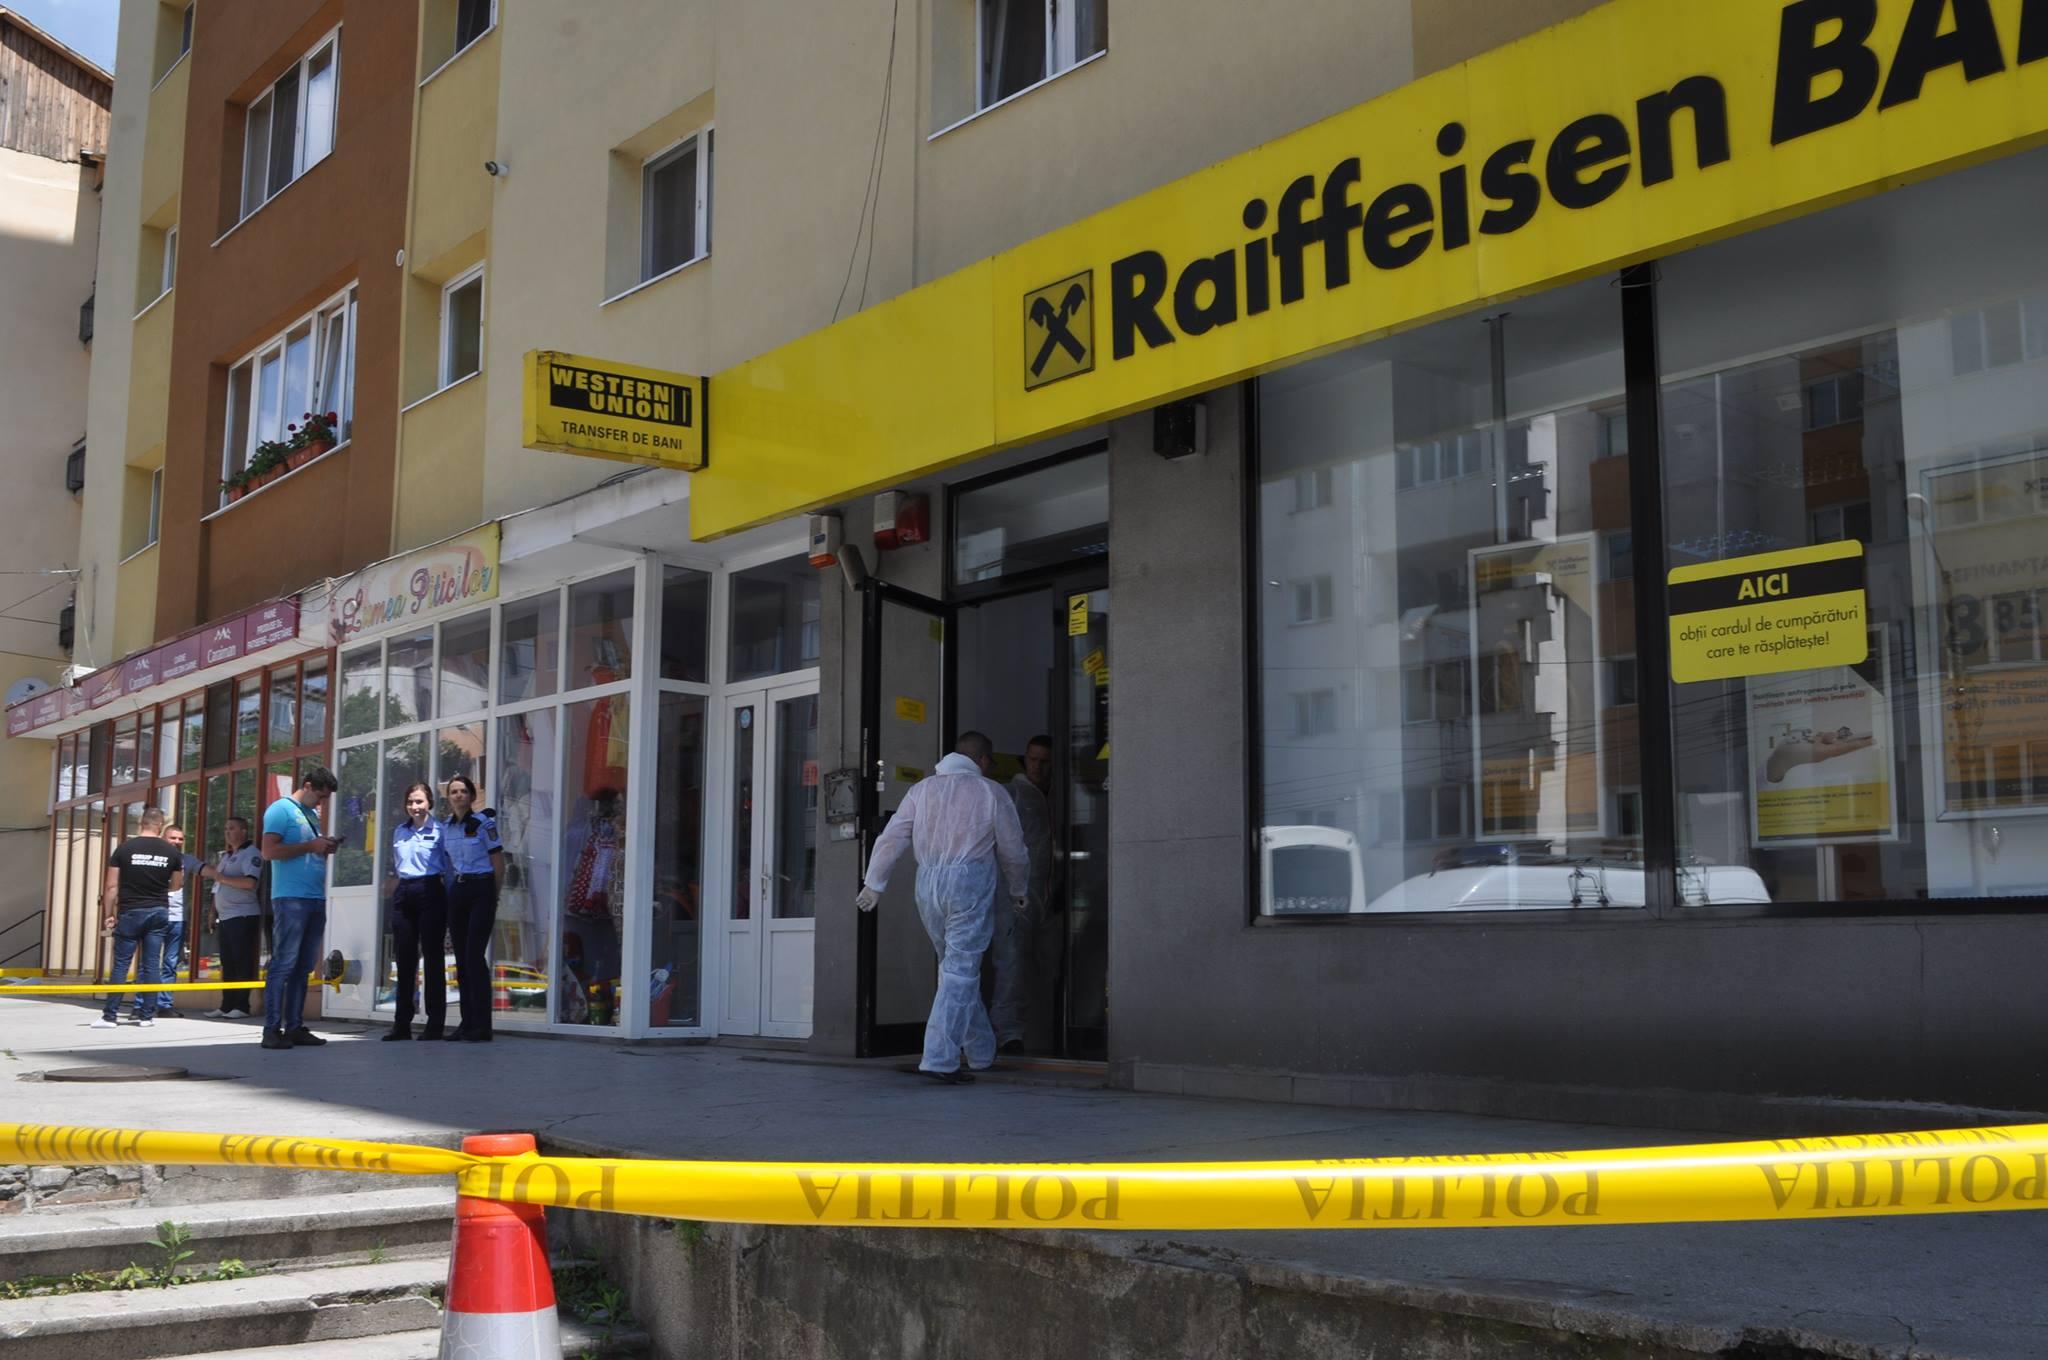 Jaf armat la Bistrița! Un bărbat a furat o sumă mare de bani dintr-o sucursală Raiffeisen Bank – FOTO